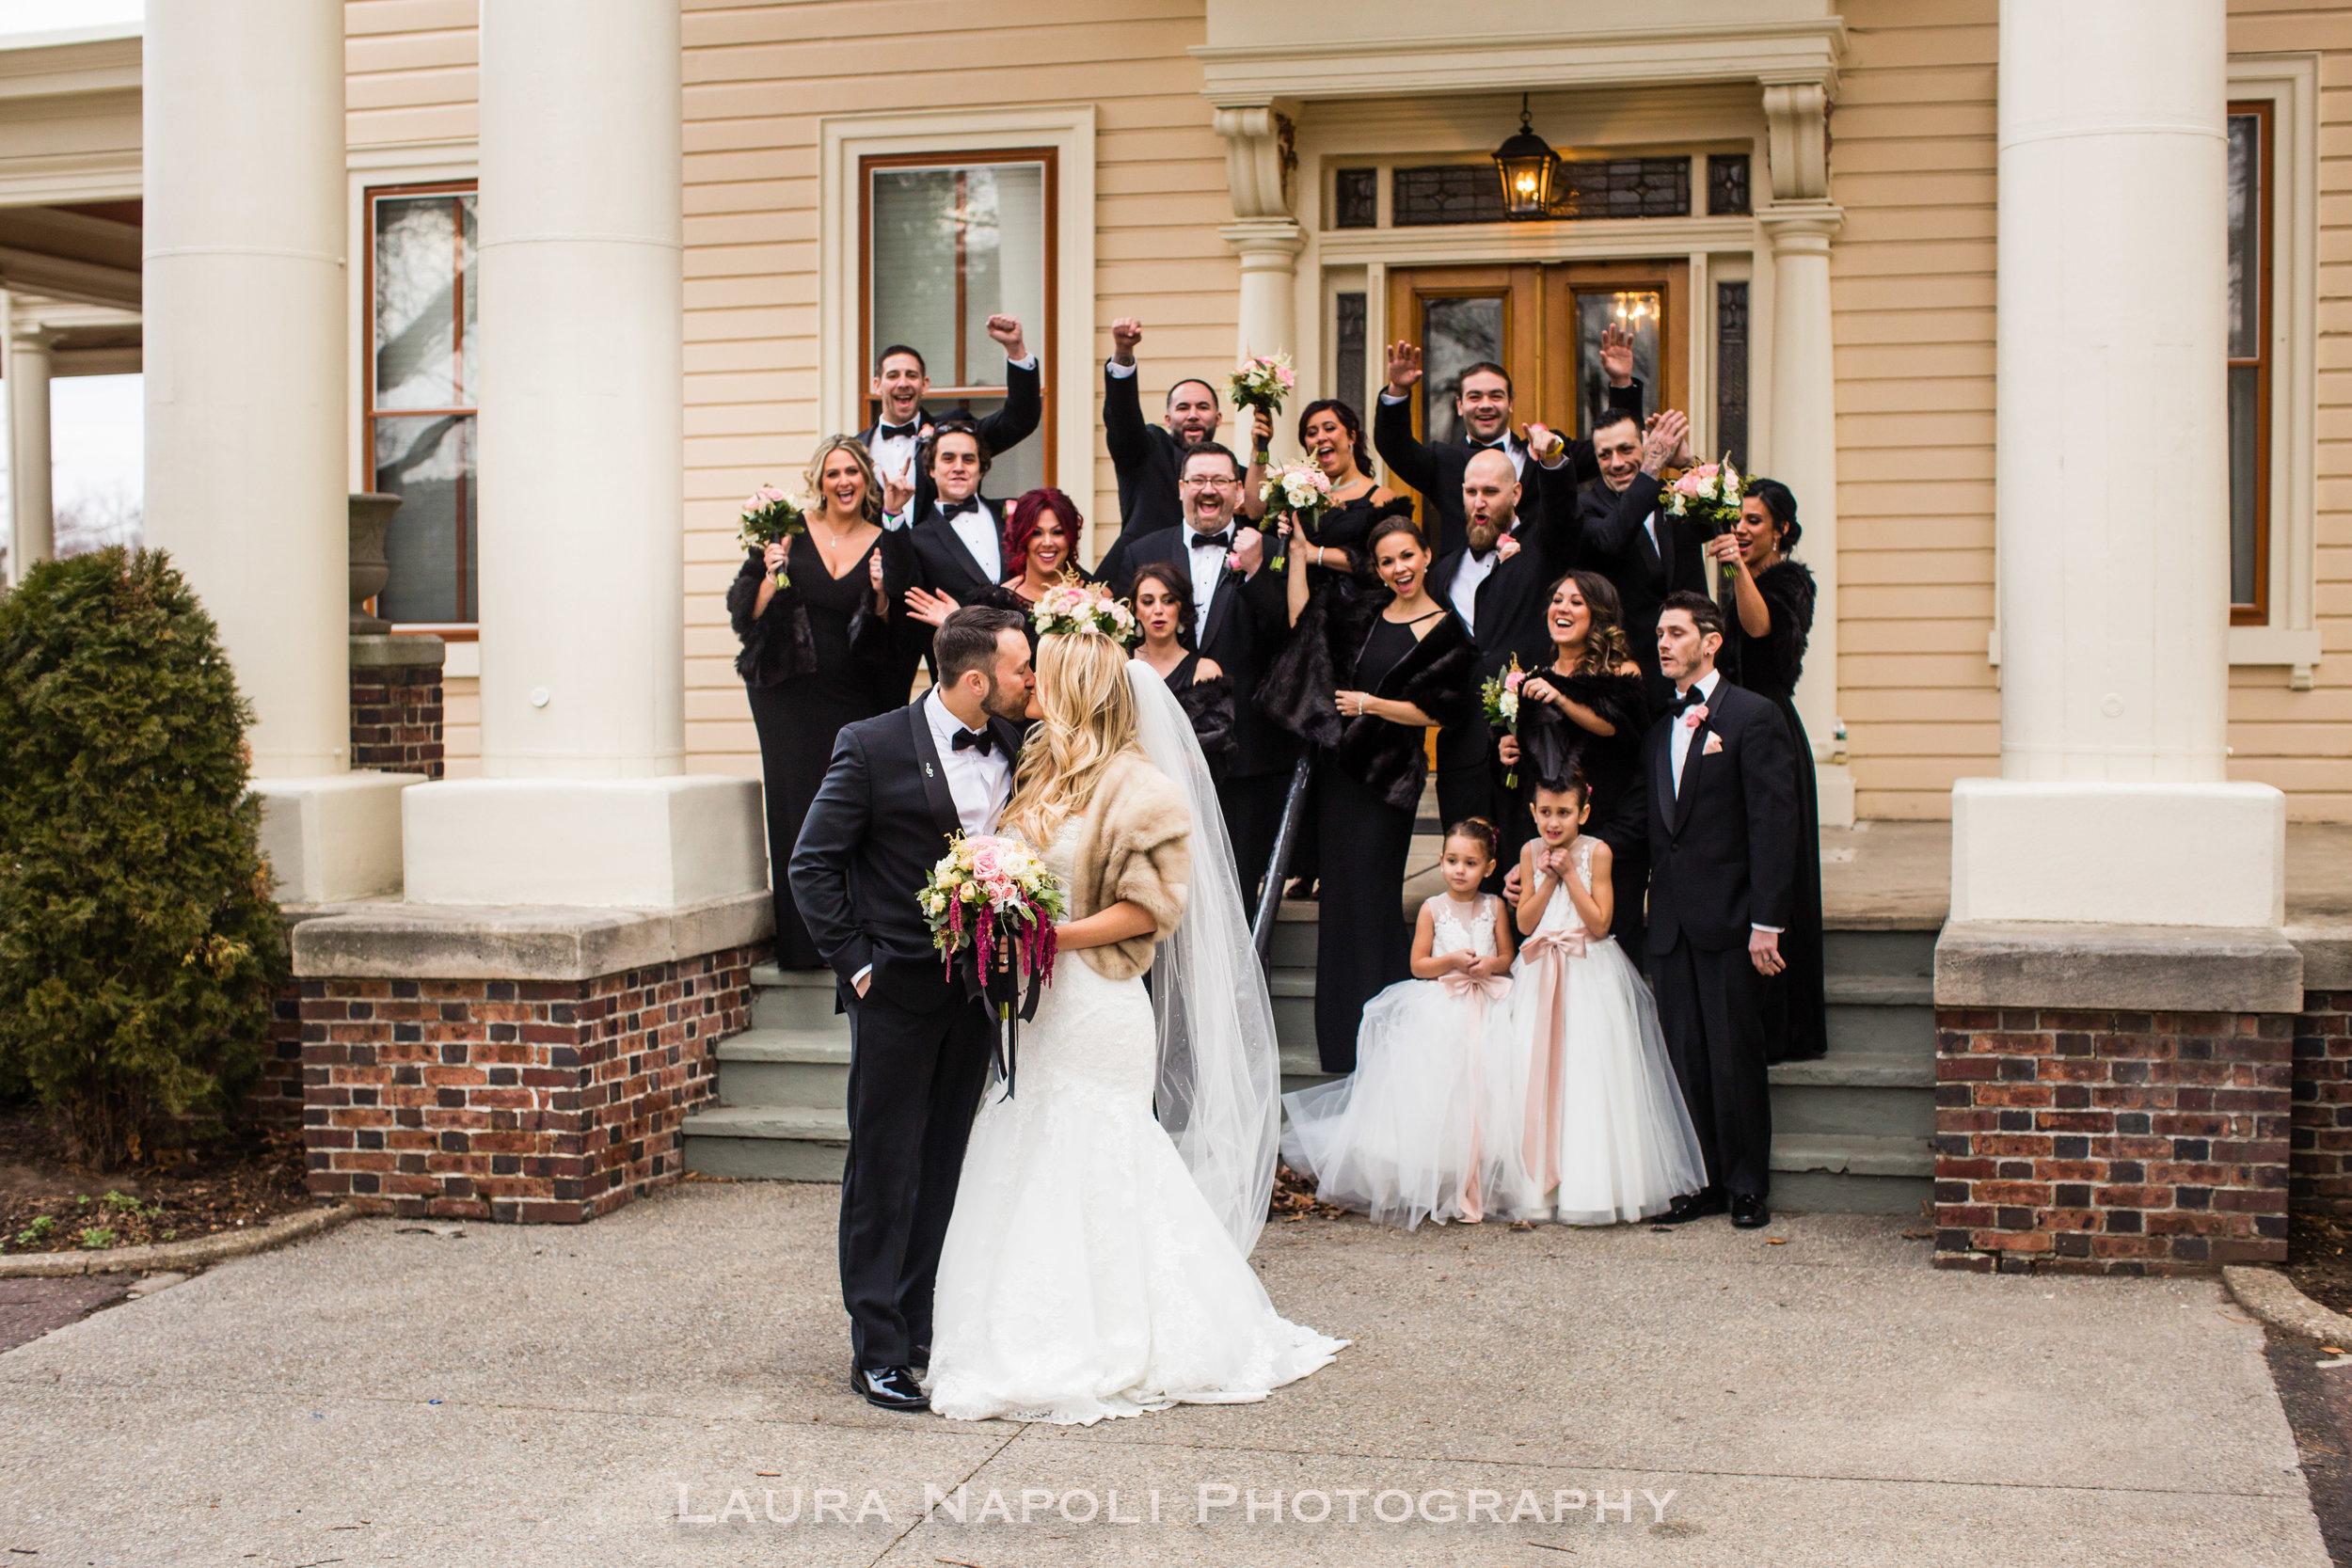 Collingswoodballroomweddingcollingswoodnj-31.jpg